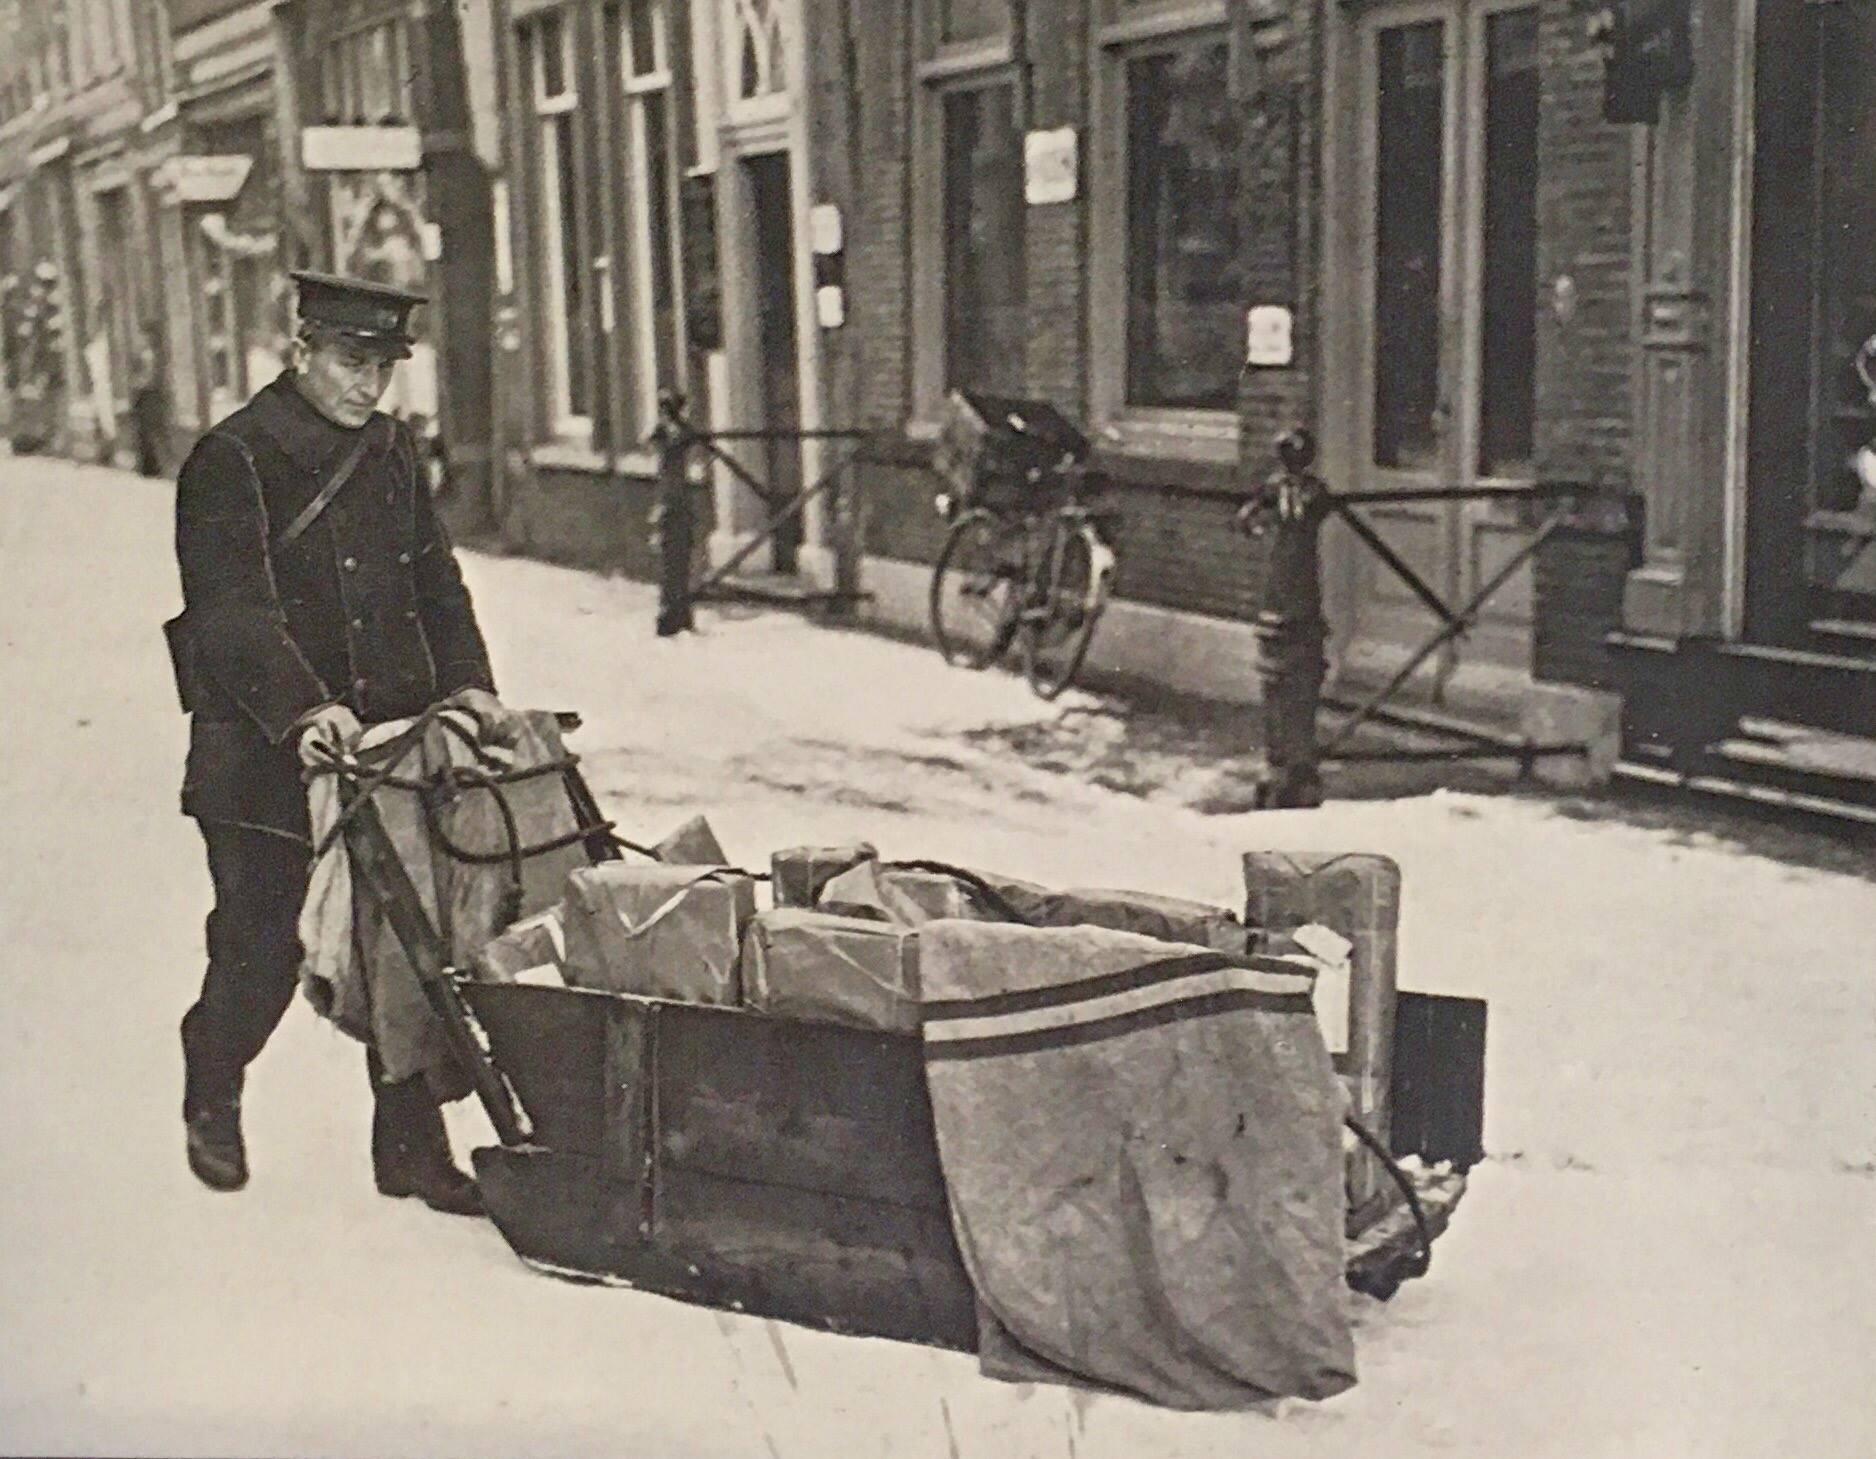 Hoorn Huizen Straten en Mensen van 5 maart 2017